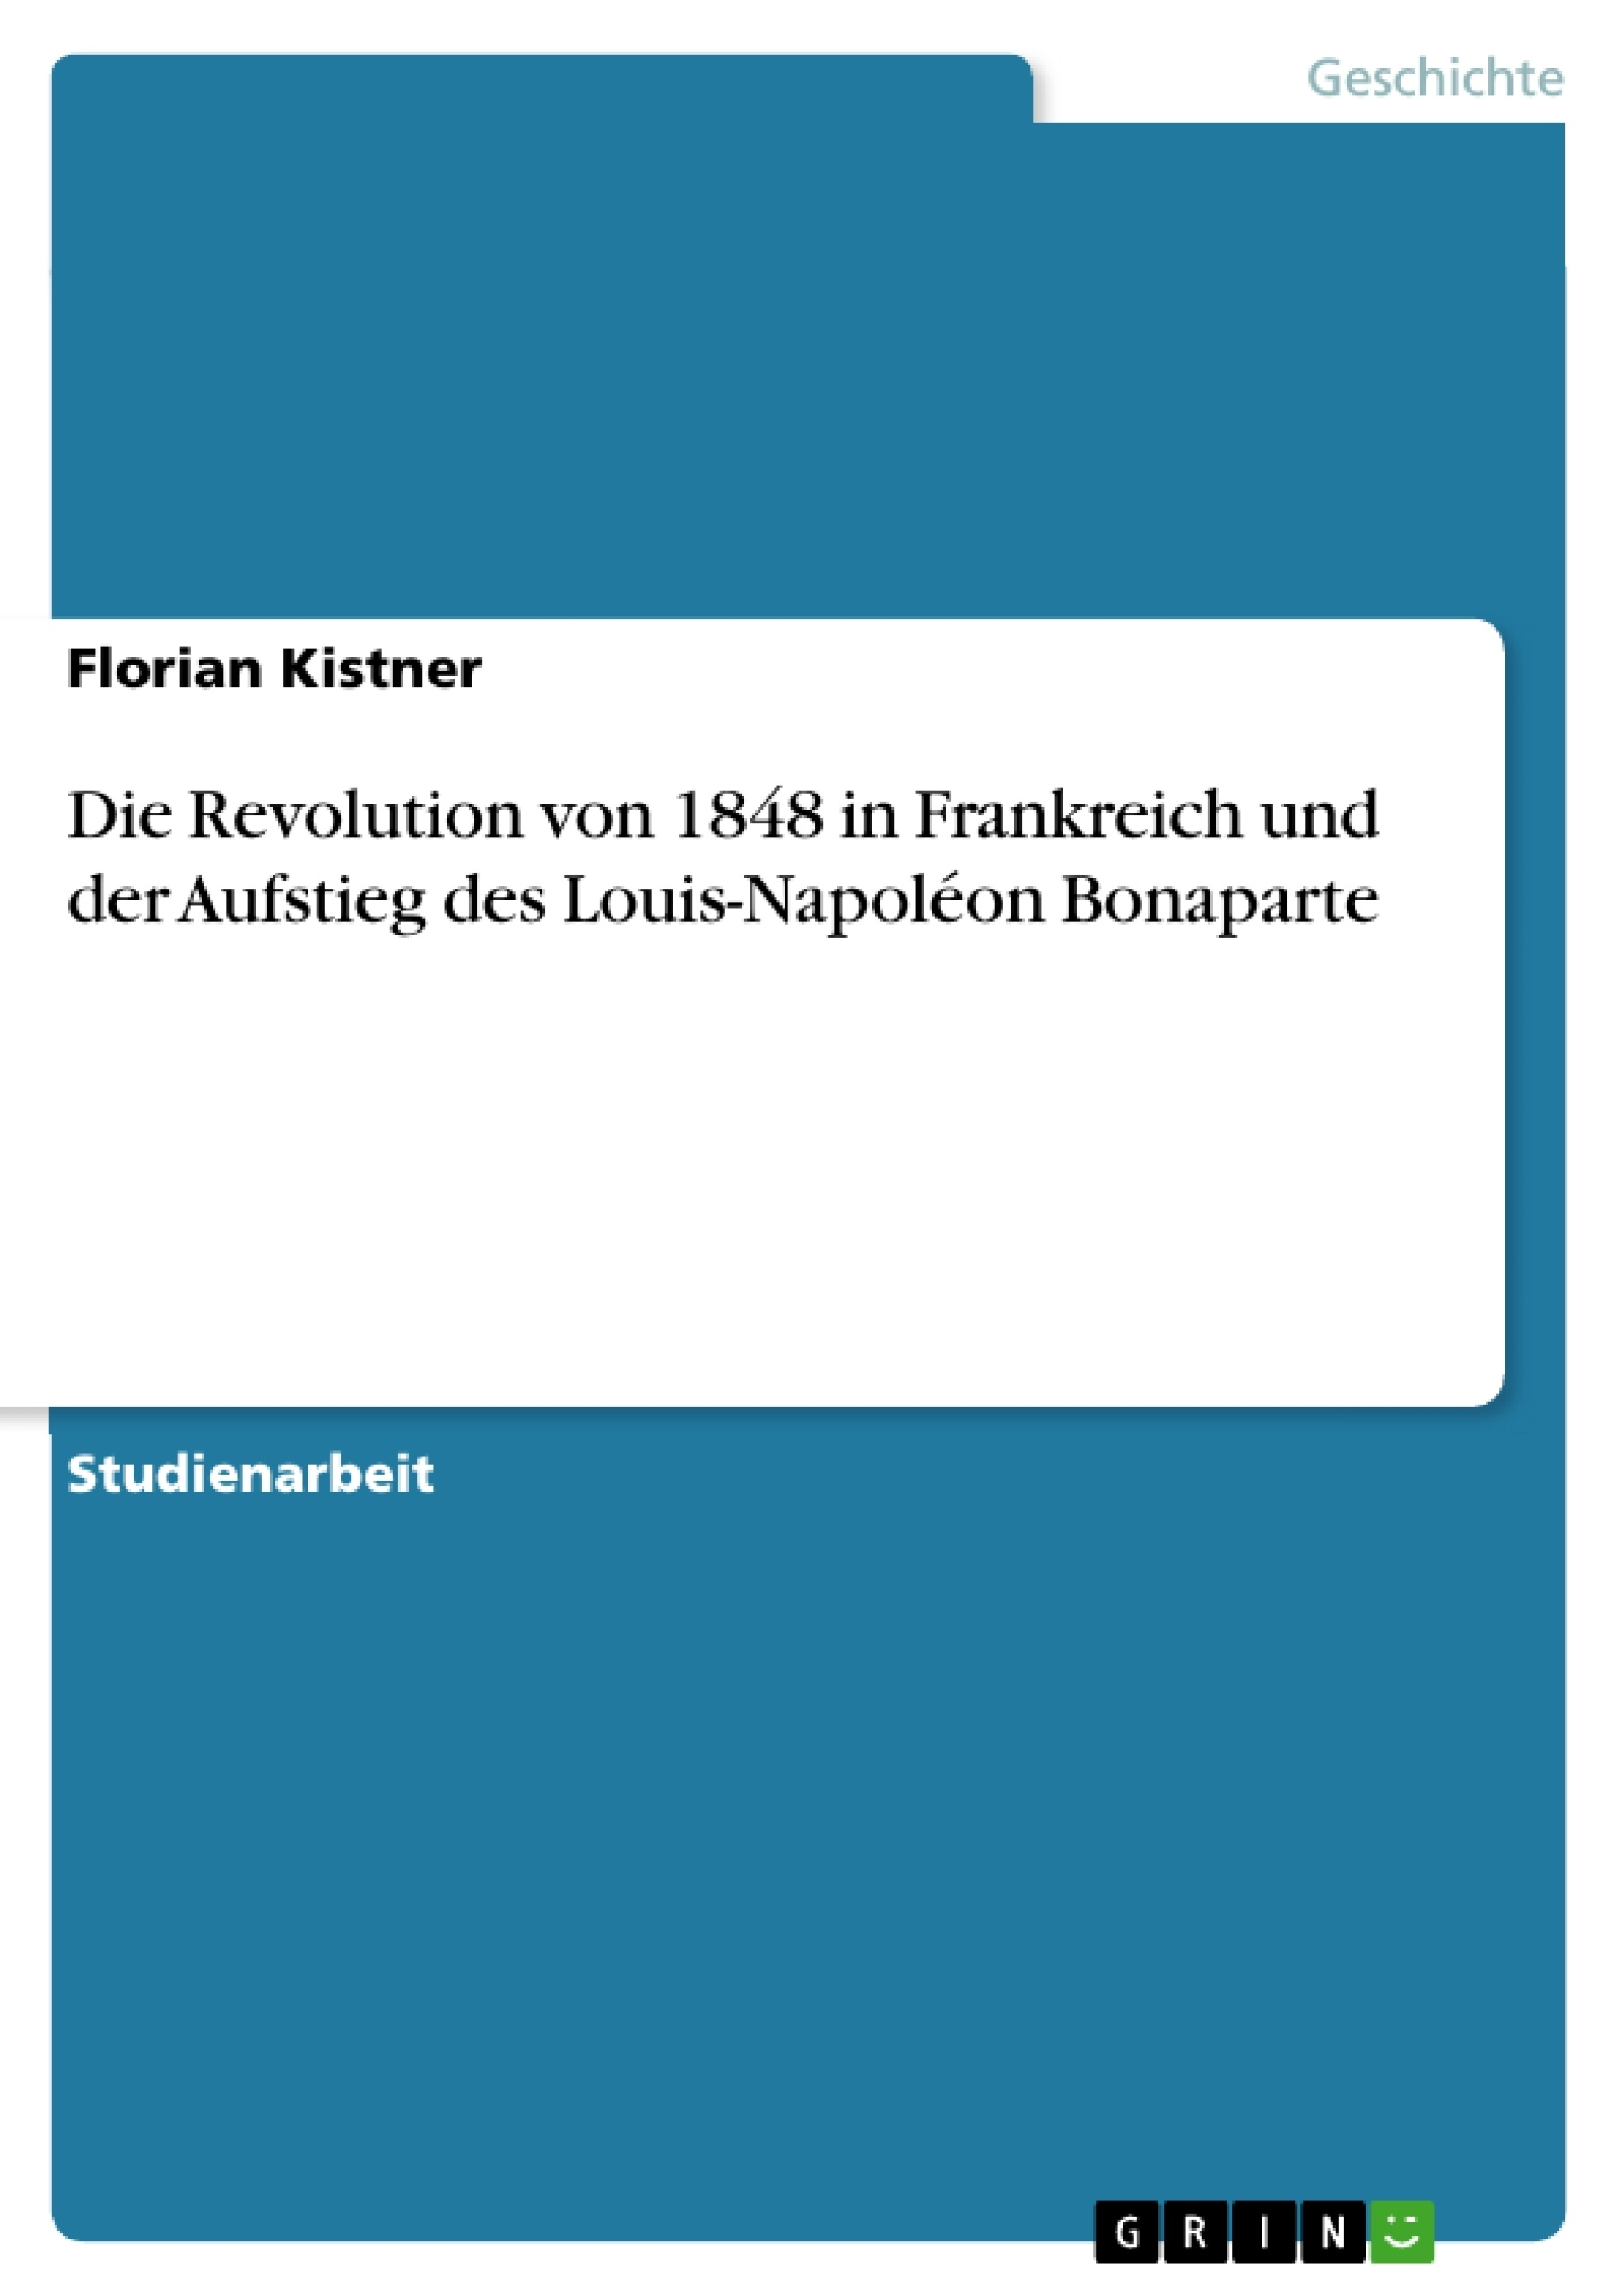 Titel: Die Revolution von 1848 in Frankreich und der Aufstieg des Louis-Napoléon Bonaparte